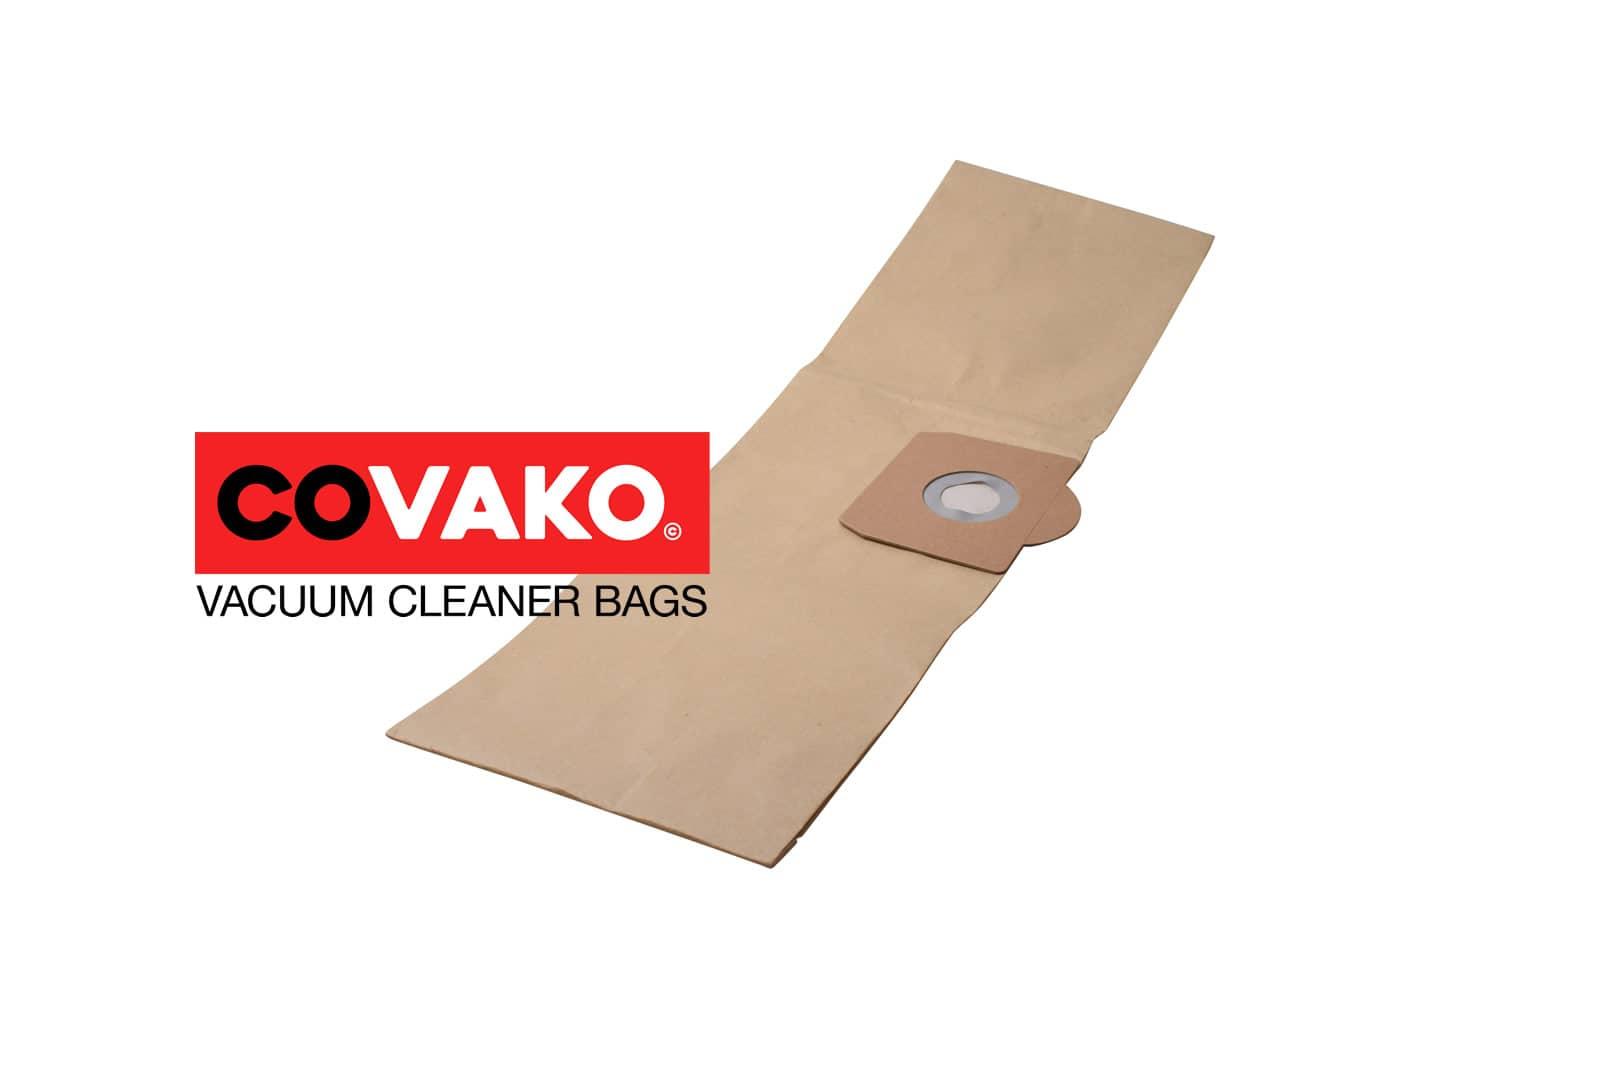 Lavor Sahara / Papier - Lavor sacs d'aspirateur